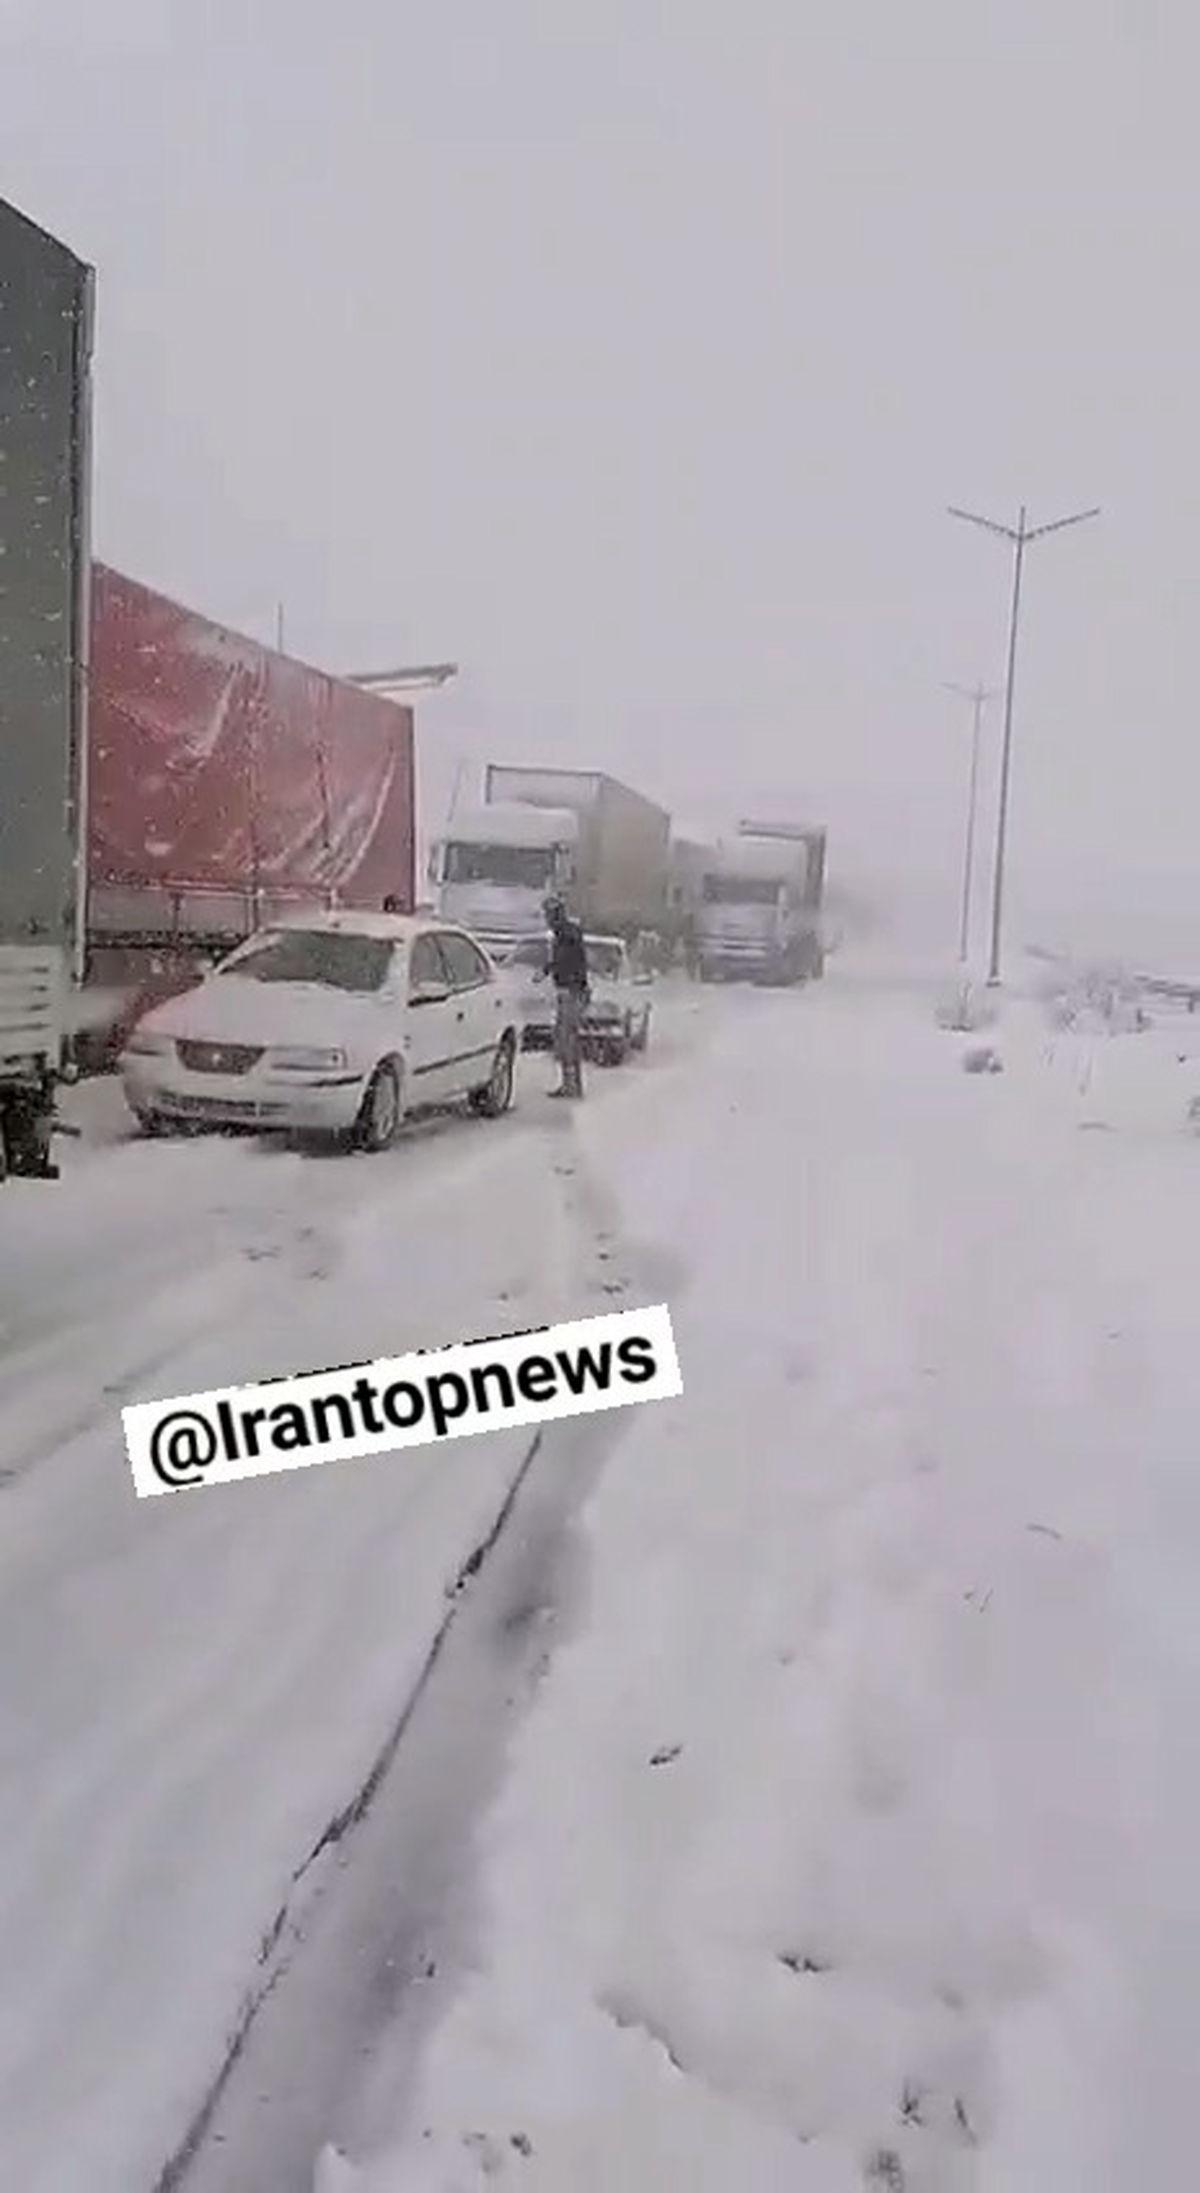 فیلم: گرفتار شدن ده ها خودرو دربرف آزادراه تبریز